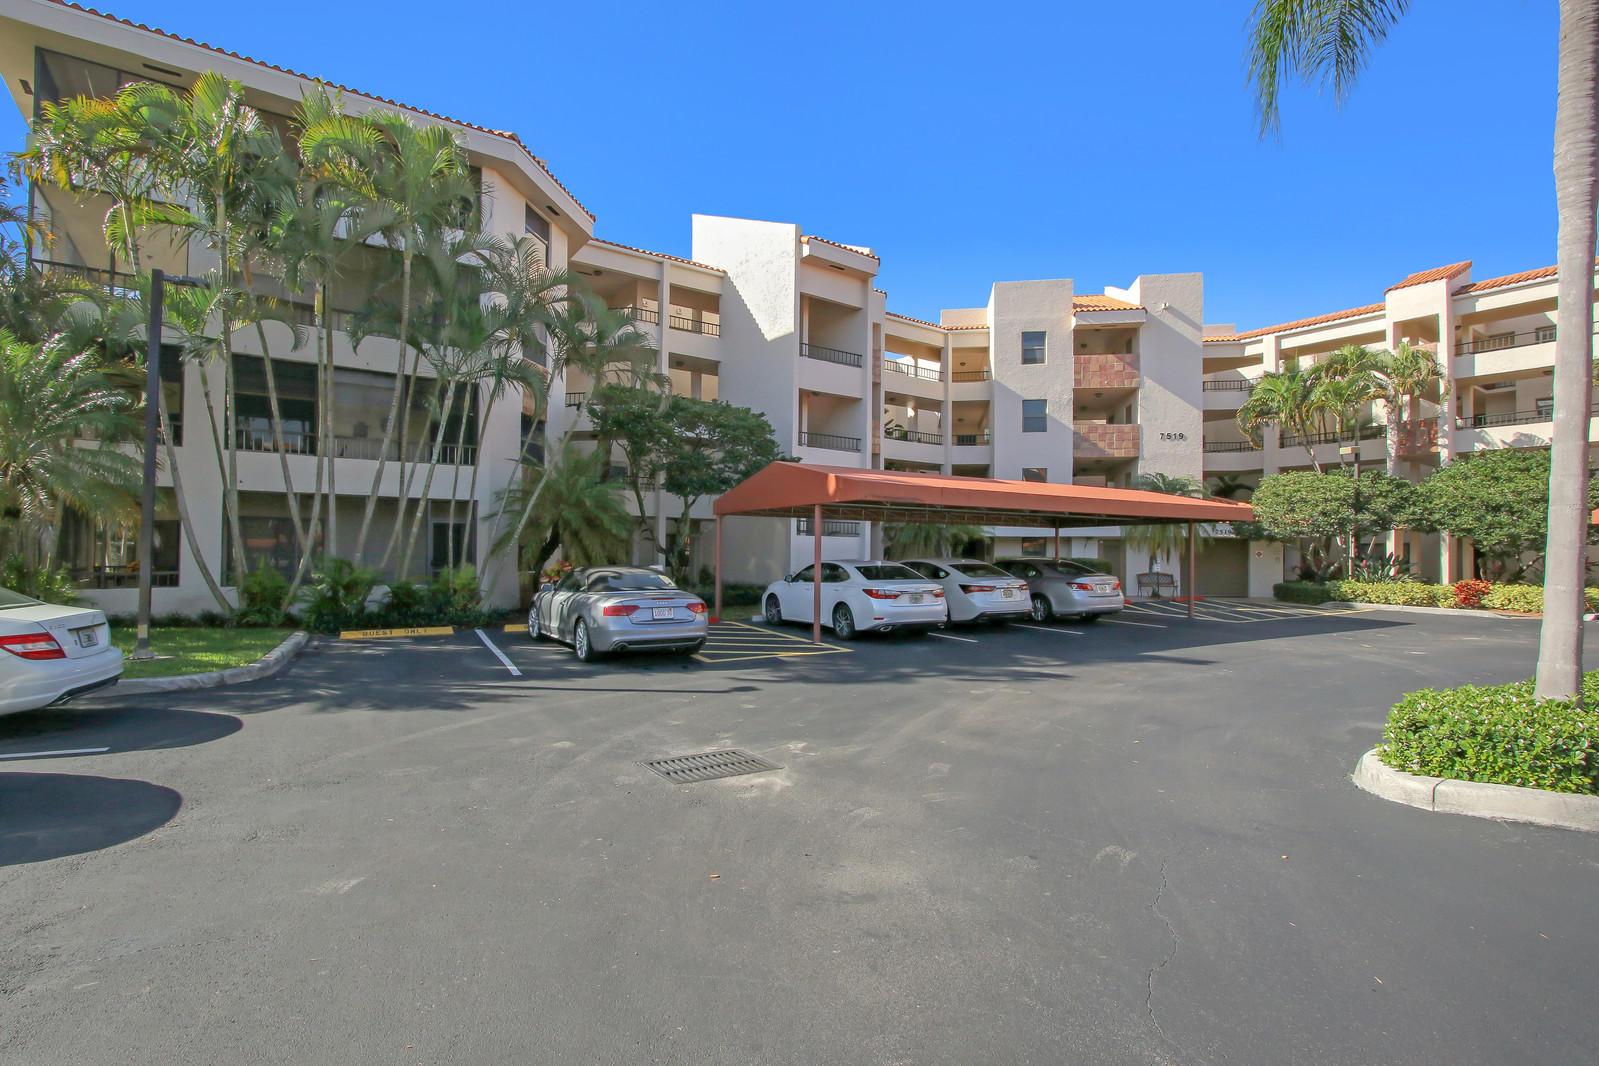 7519 La Paz Boulevard #208 Boca Raton, FL 33433